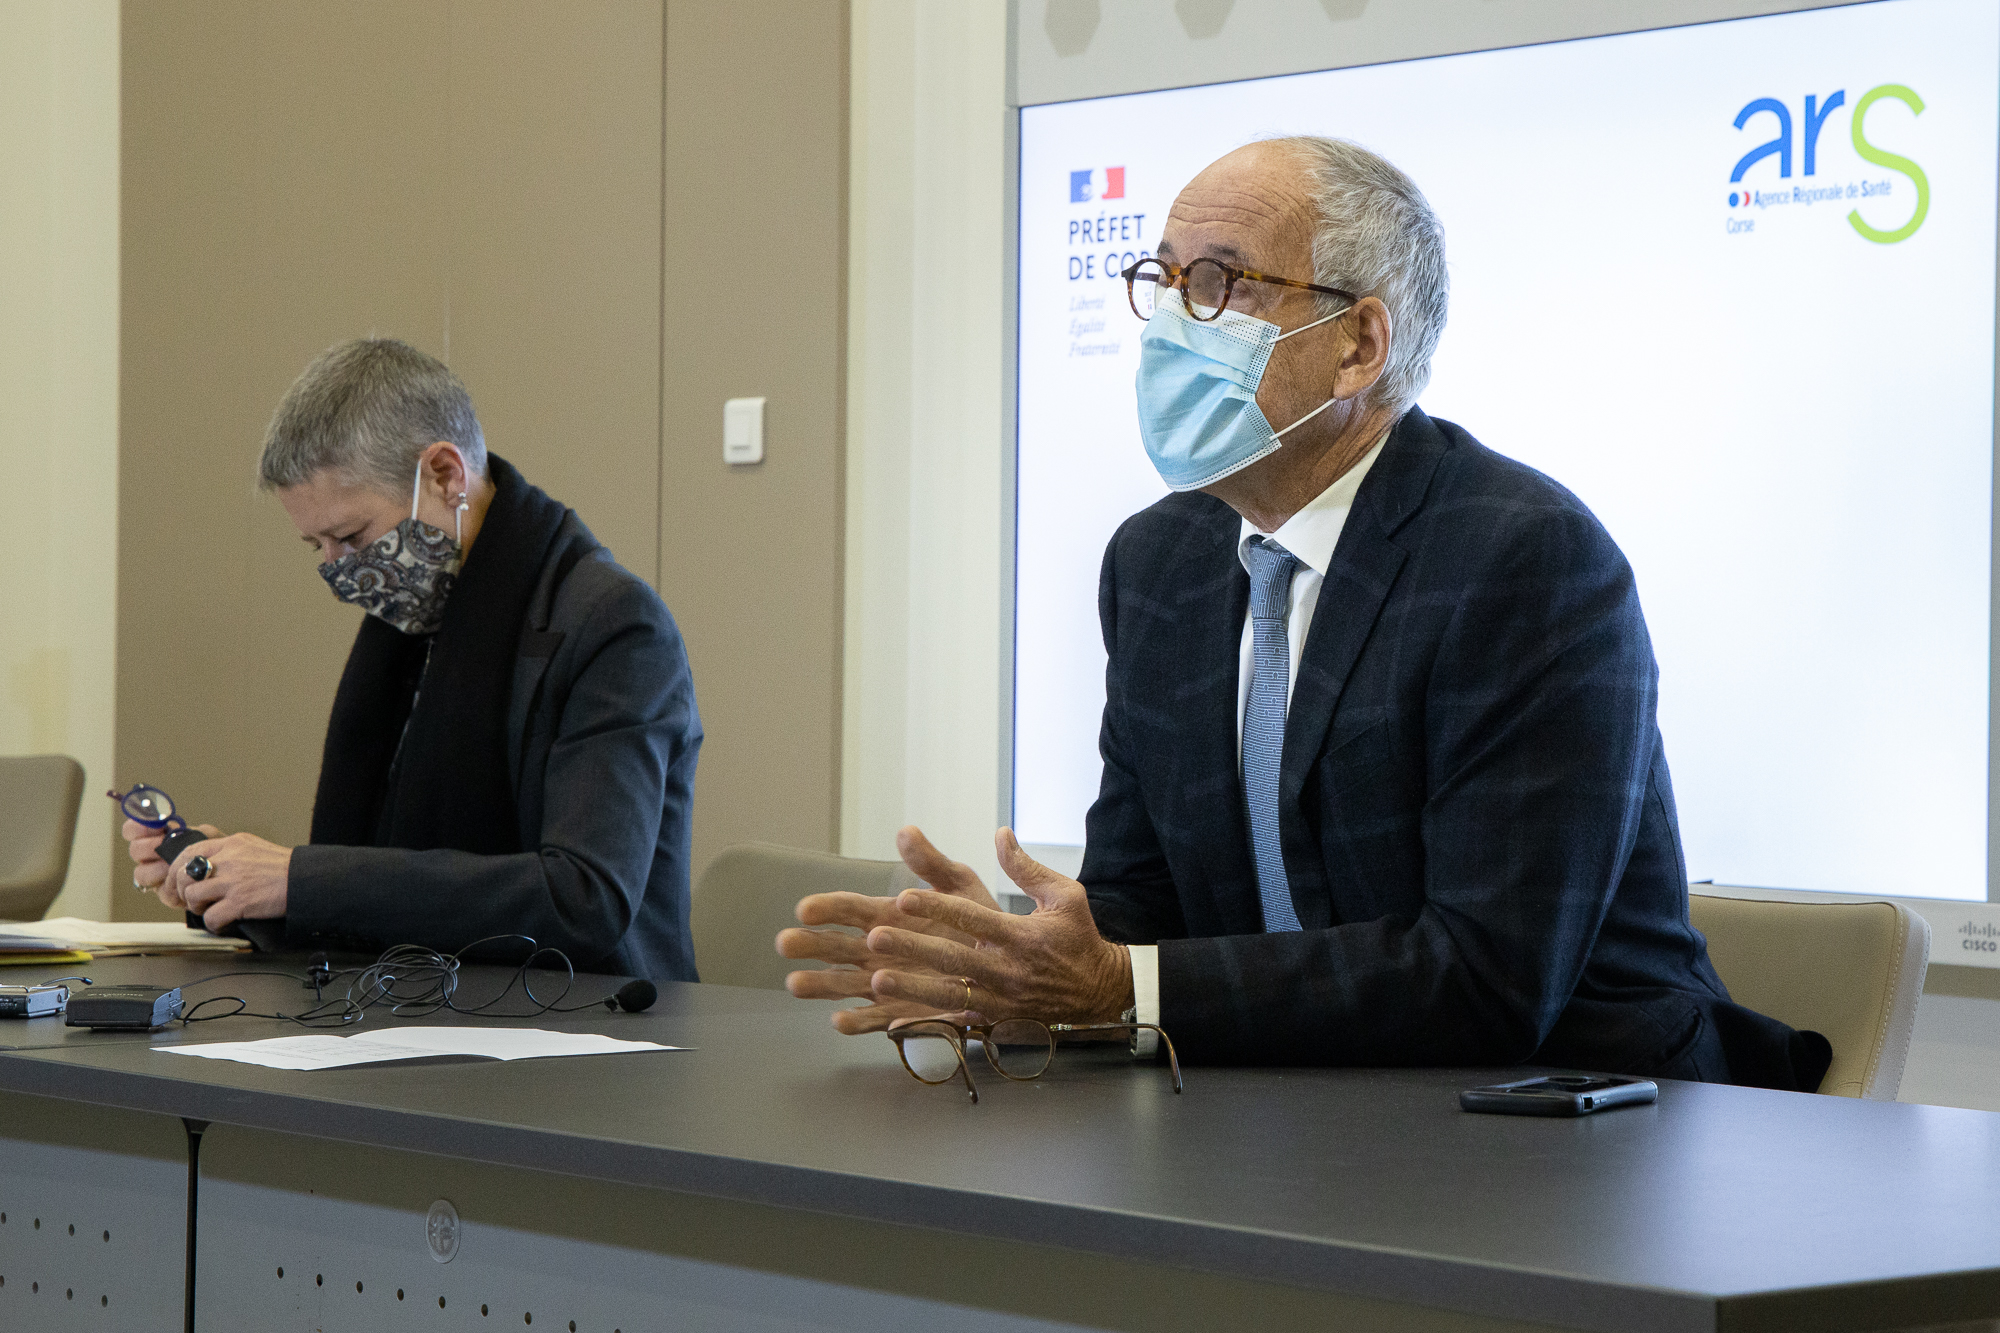 La directrice de l'ARS Marie-Hélène Lecenne et le préfet de Corse Pascal Lelarge. Photo : Laurent Roch.